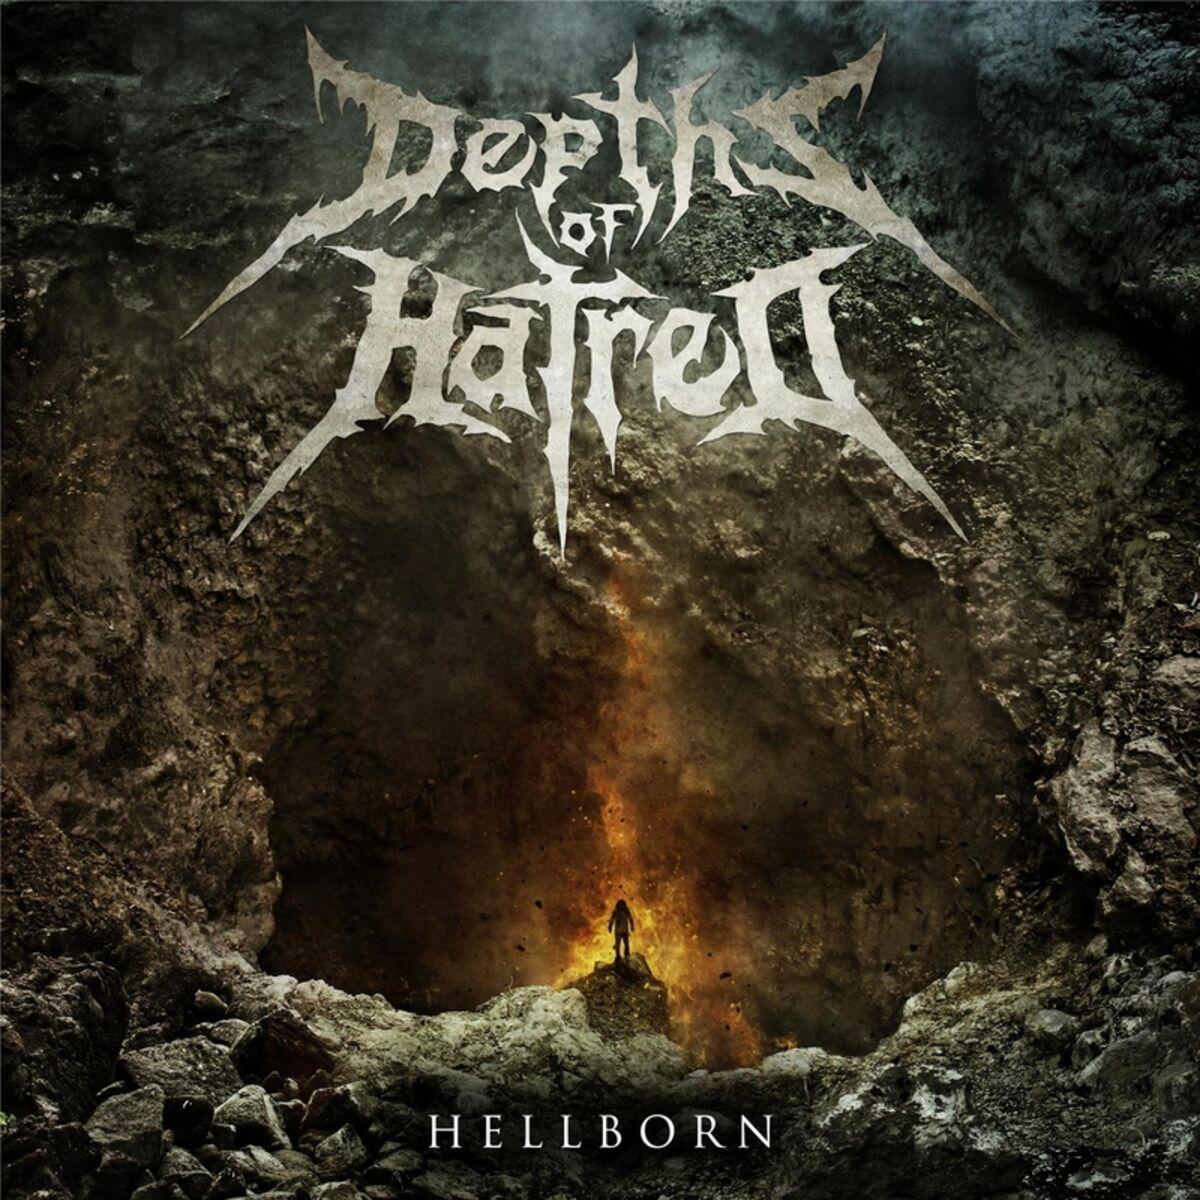 Depths Of Hatred - Hellborn (2014)